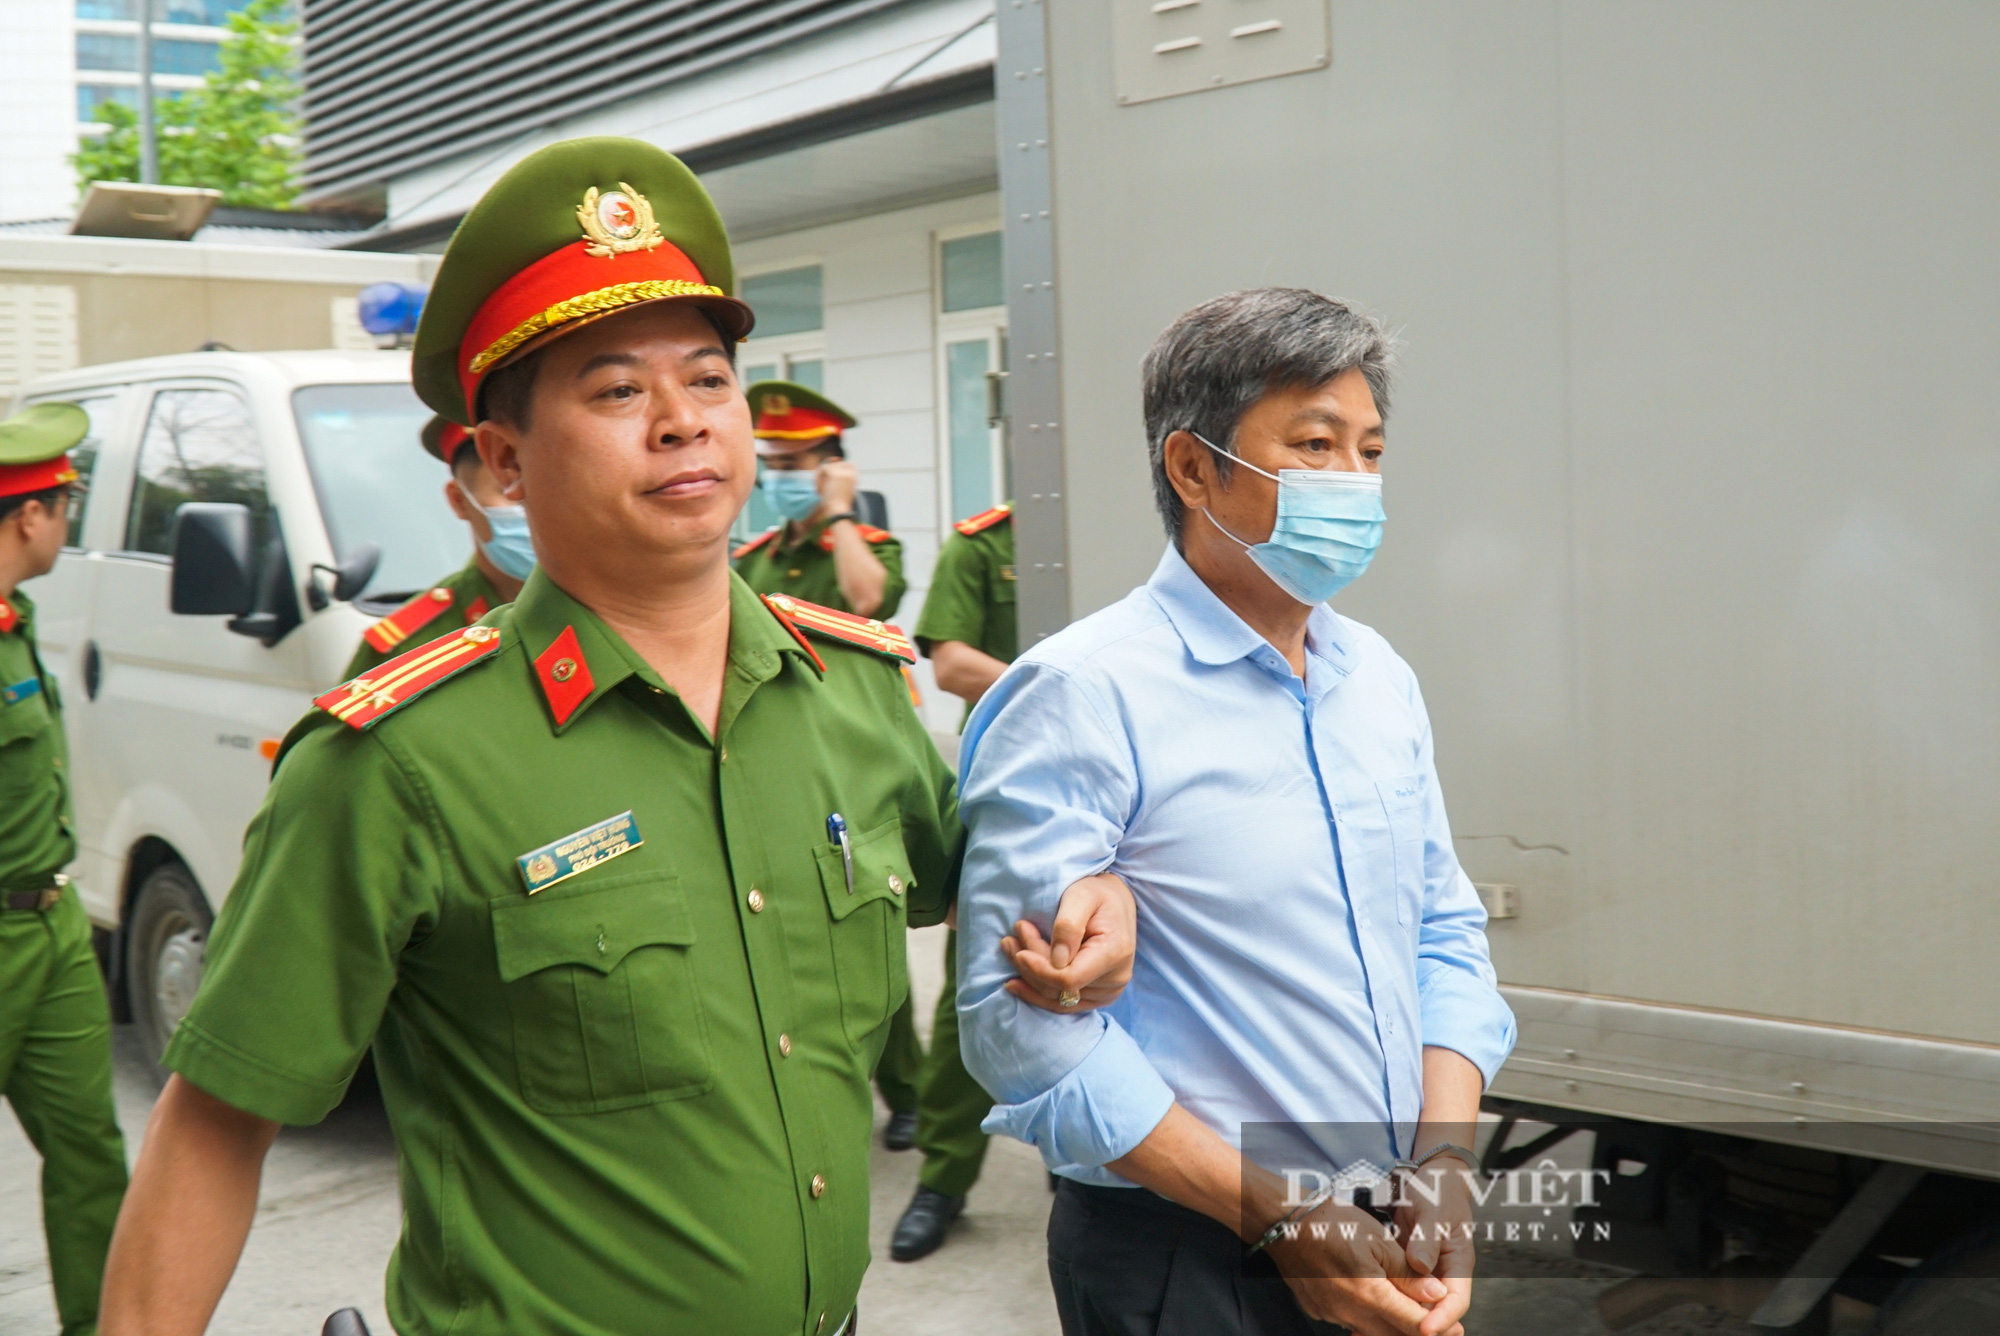 Cựu Bộ trưởng Vũ Huy Hoàng trông thế nào ở phiên xử lần thứ 3? - Ảnh 7.